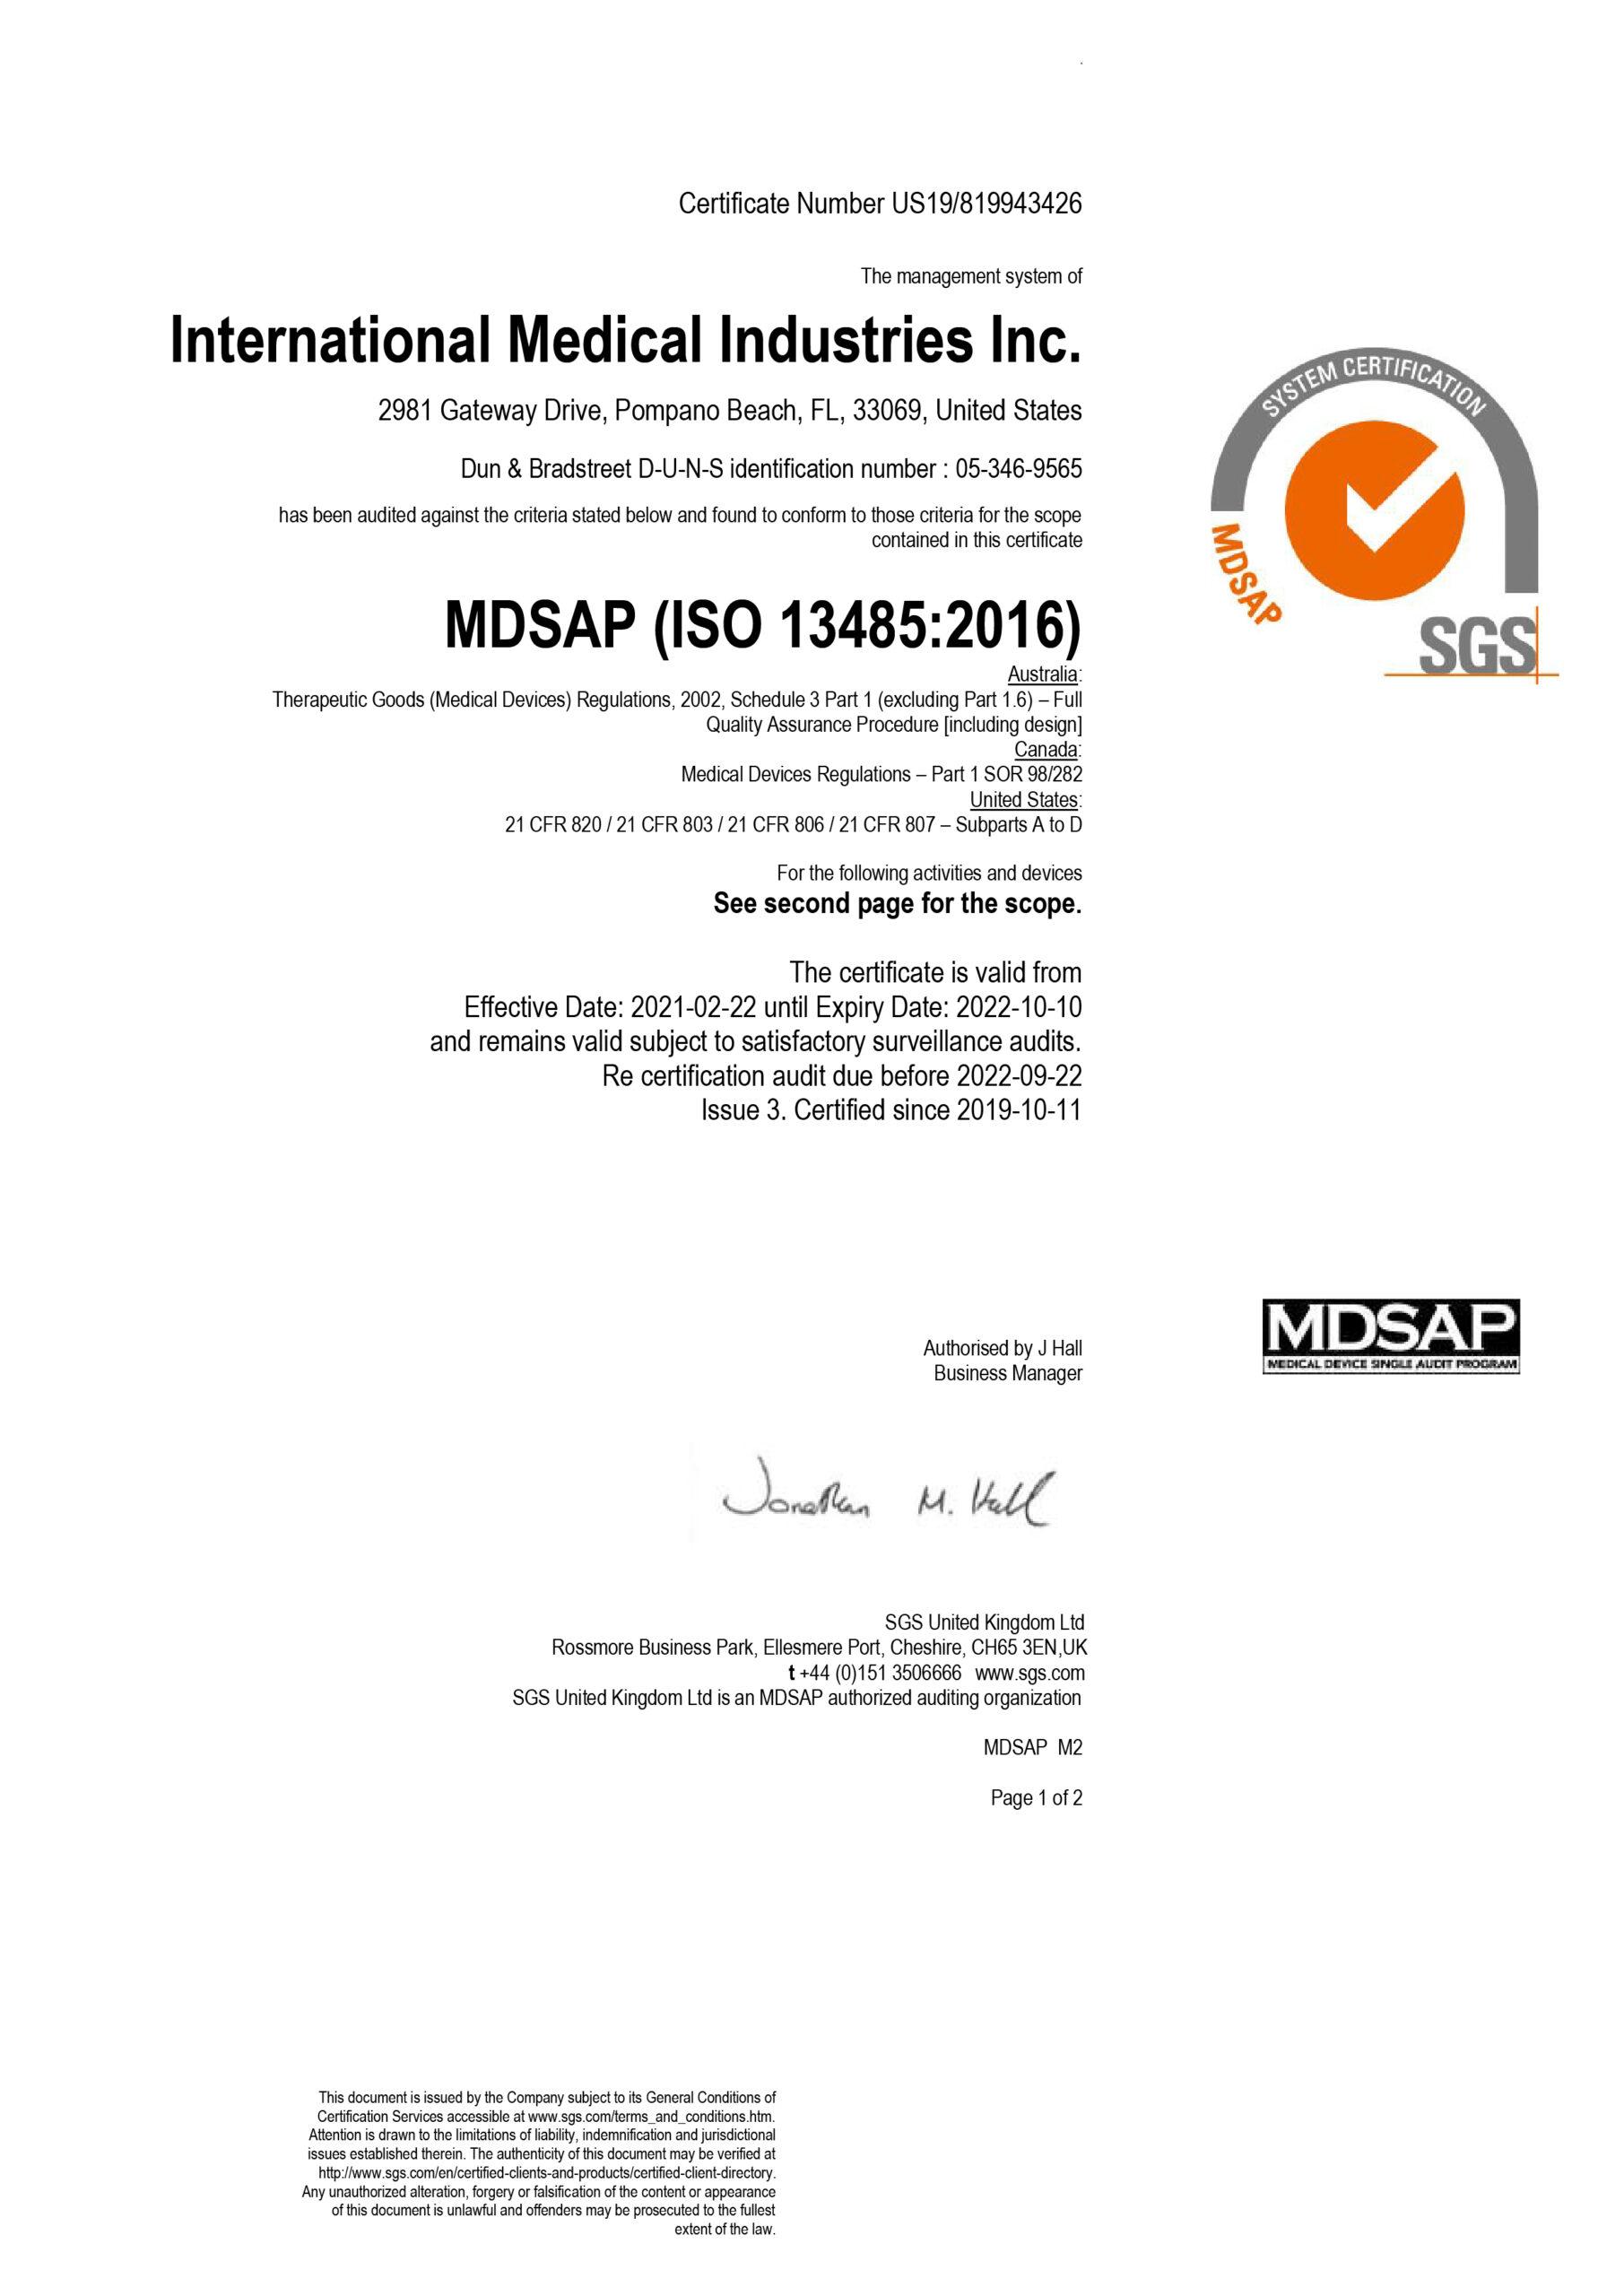 IMI MDSAP Certification